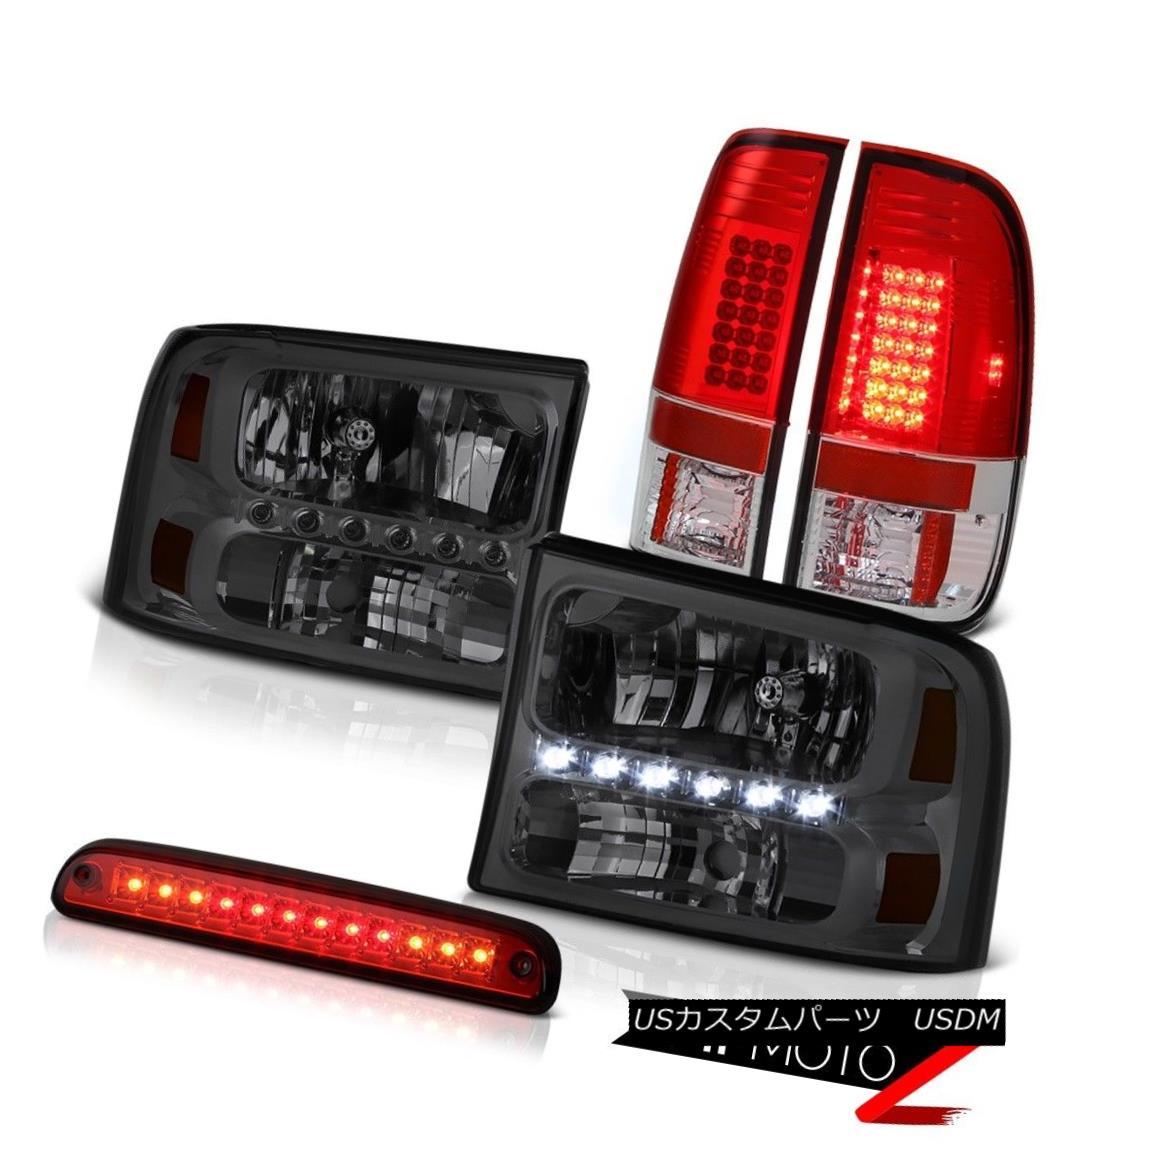 テールライト Dark Smoke Headlamp Wine Red 3rd Brake LED TailLight 99 00 01 02 03 04 Ford F350 ダークスモークヘッドランプワインレッド第3ブレーキLED TailLight 99 00 01 02 03 04 Ford F350